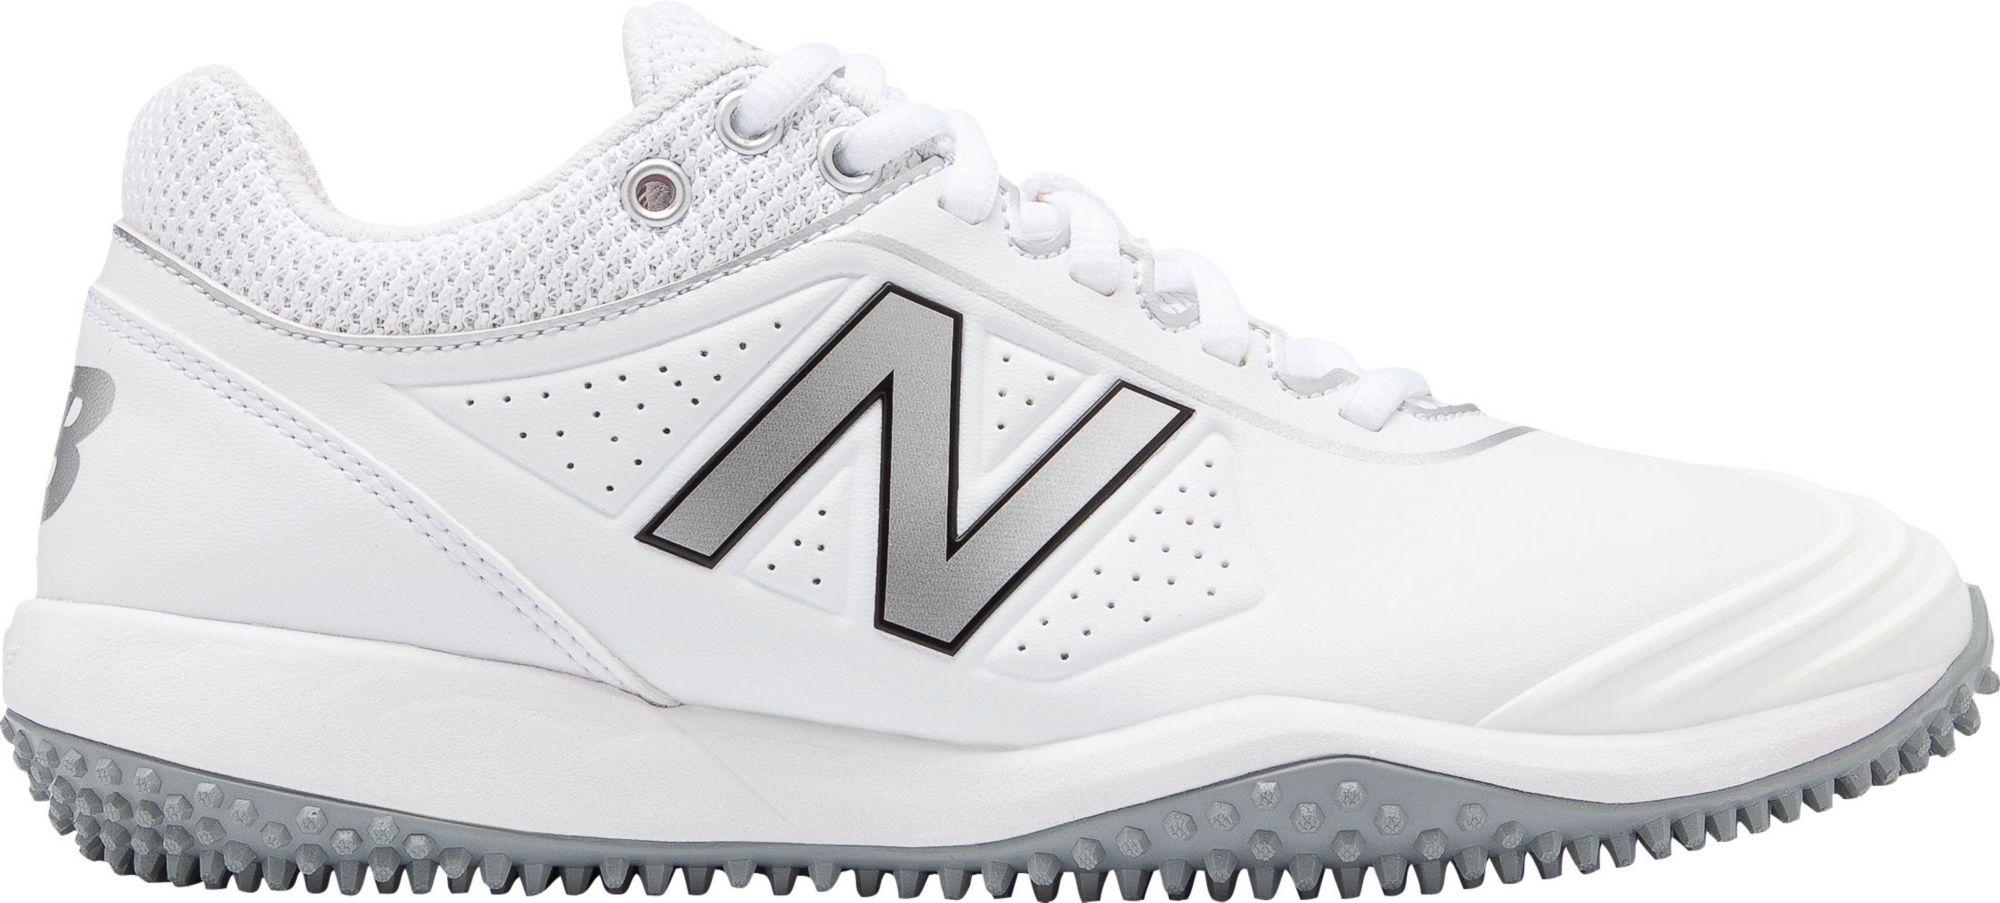 FUSEV2 Softball Turf Shoes - Walmart